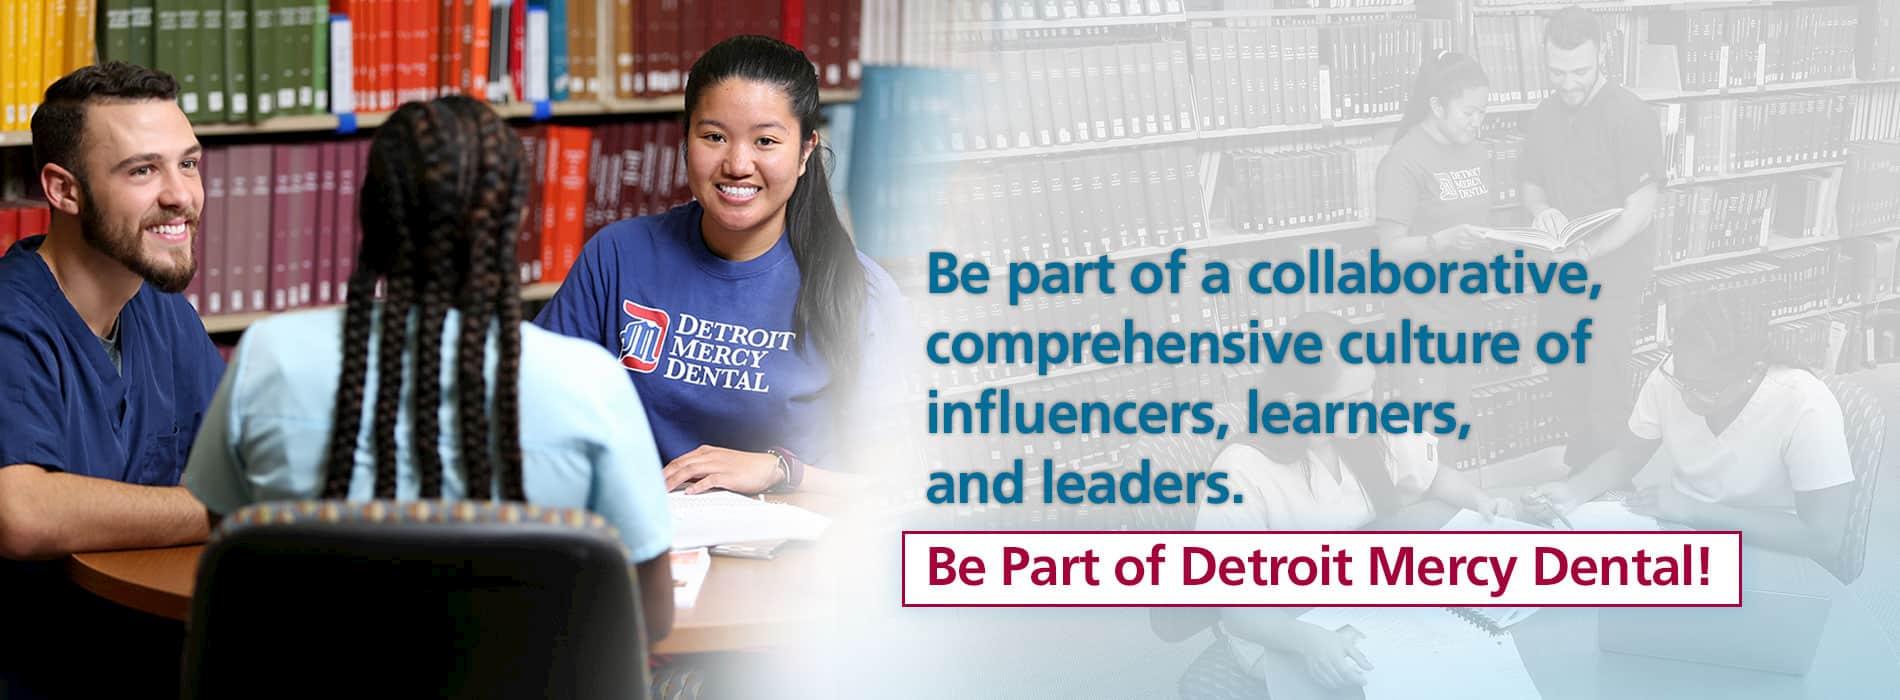 School of Dentistry | University of Detroit Mercy